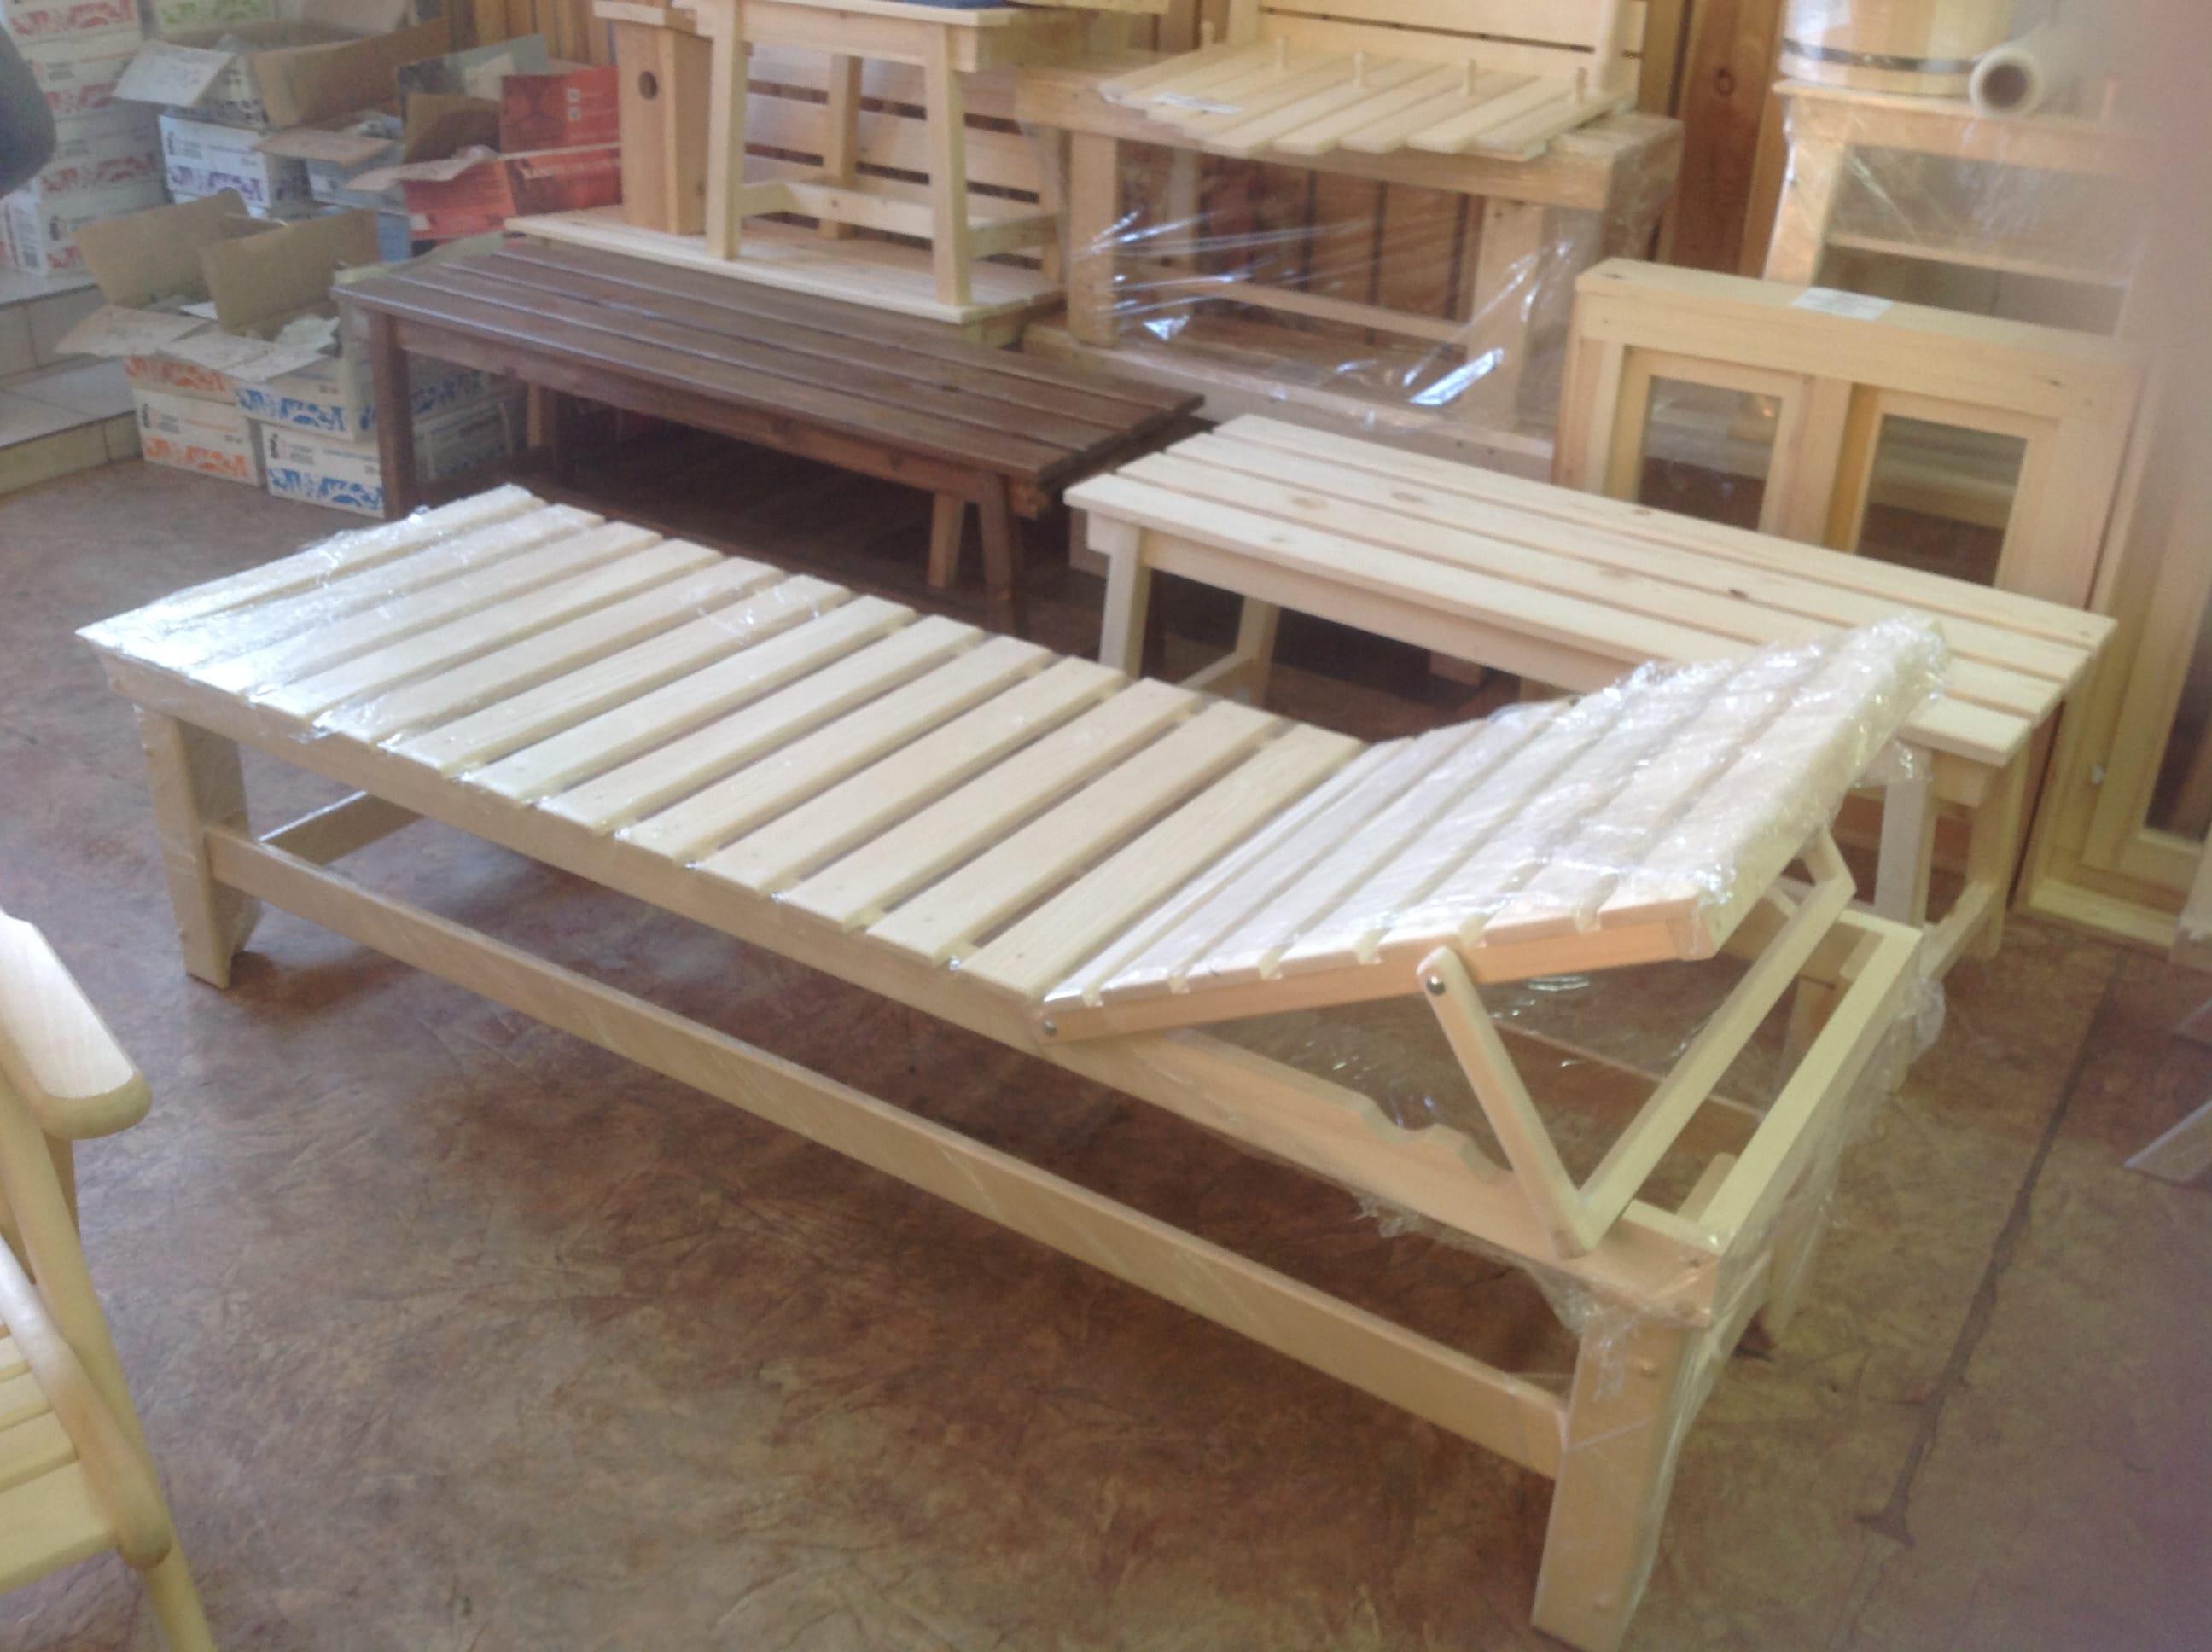 Скамейка в баню своими руками: как сделать из дерева, чертежи, инструкции и видеоролики в помощь мастерам, делающим мебель для бани